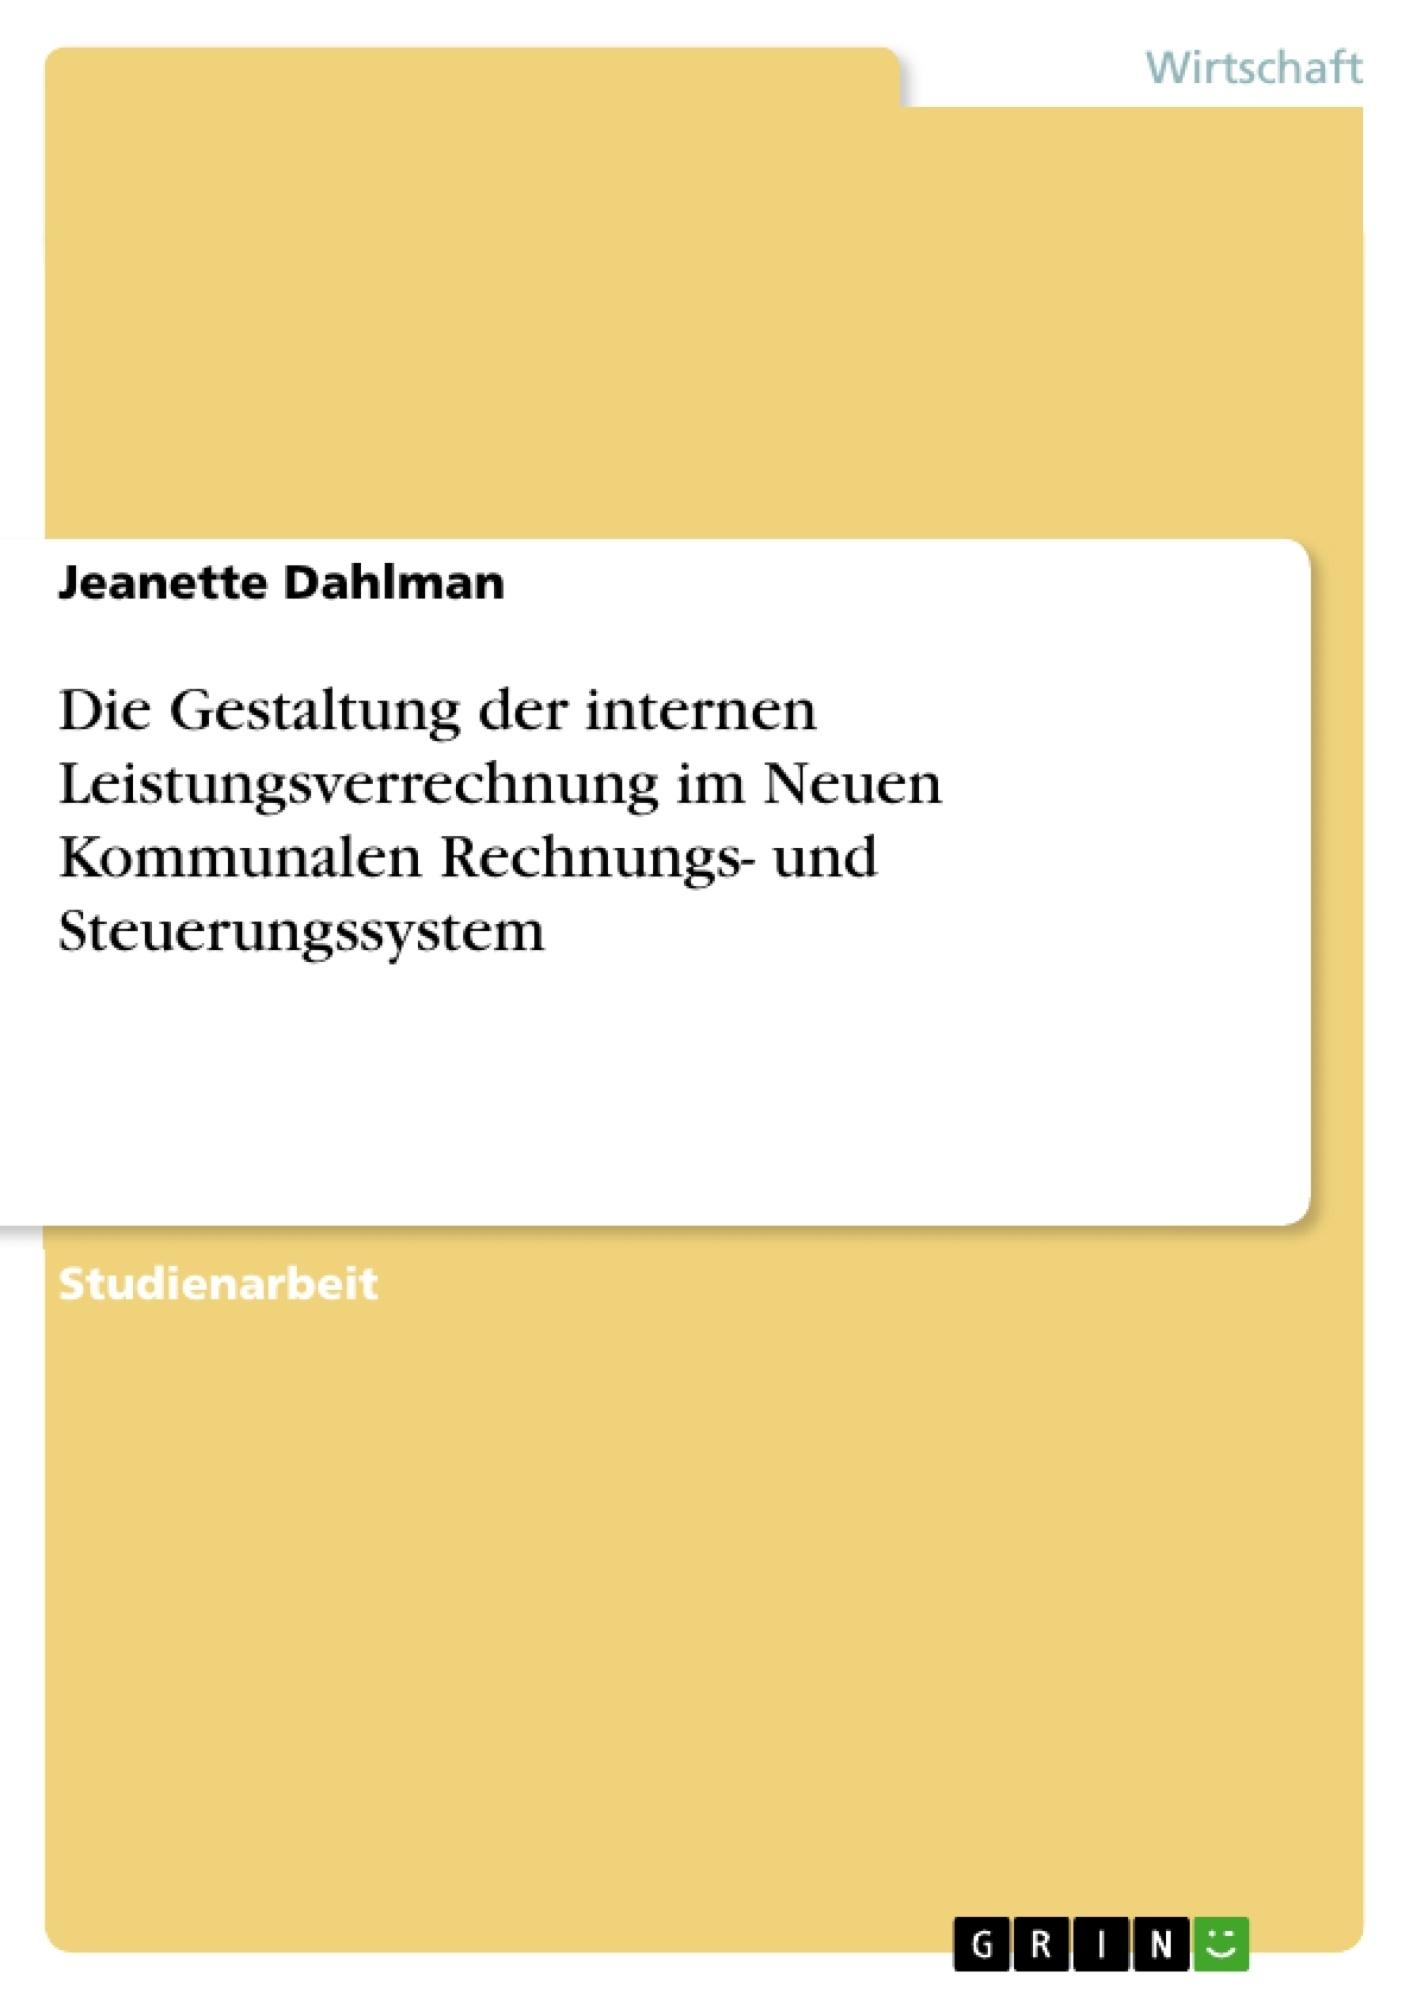 Titel: Die Gestaltung der internen Leistungsverrechnung im Neuen Kommunalen Rechnungs- und Steuerungssystem